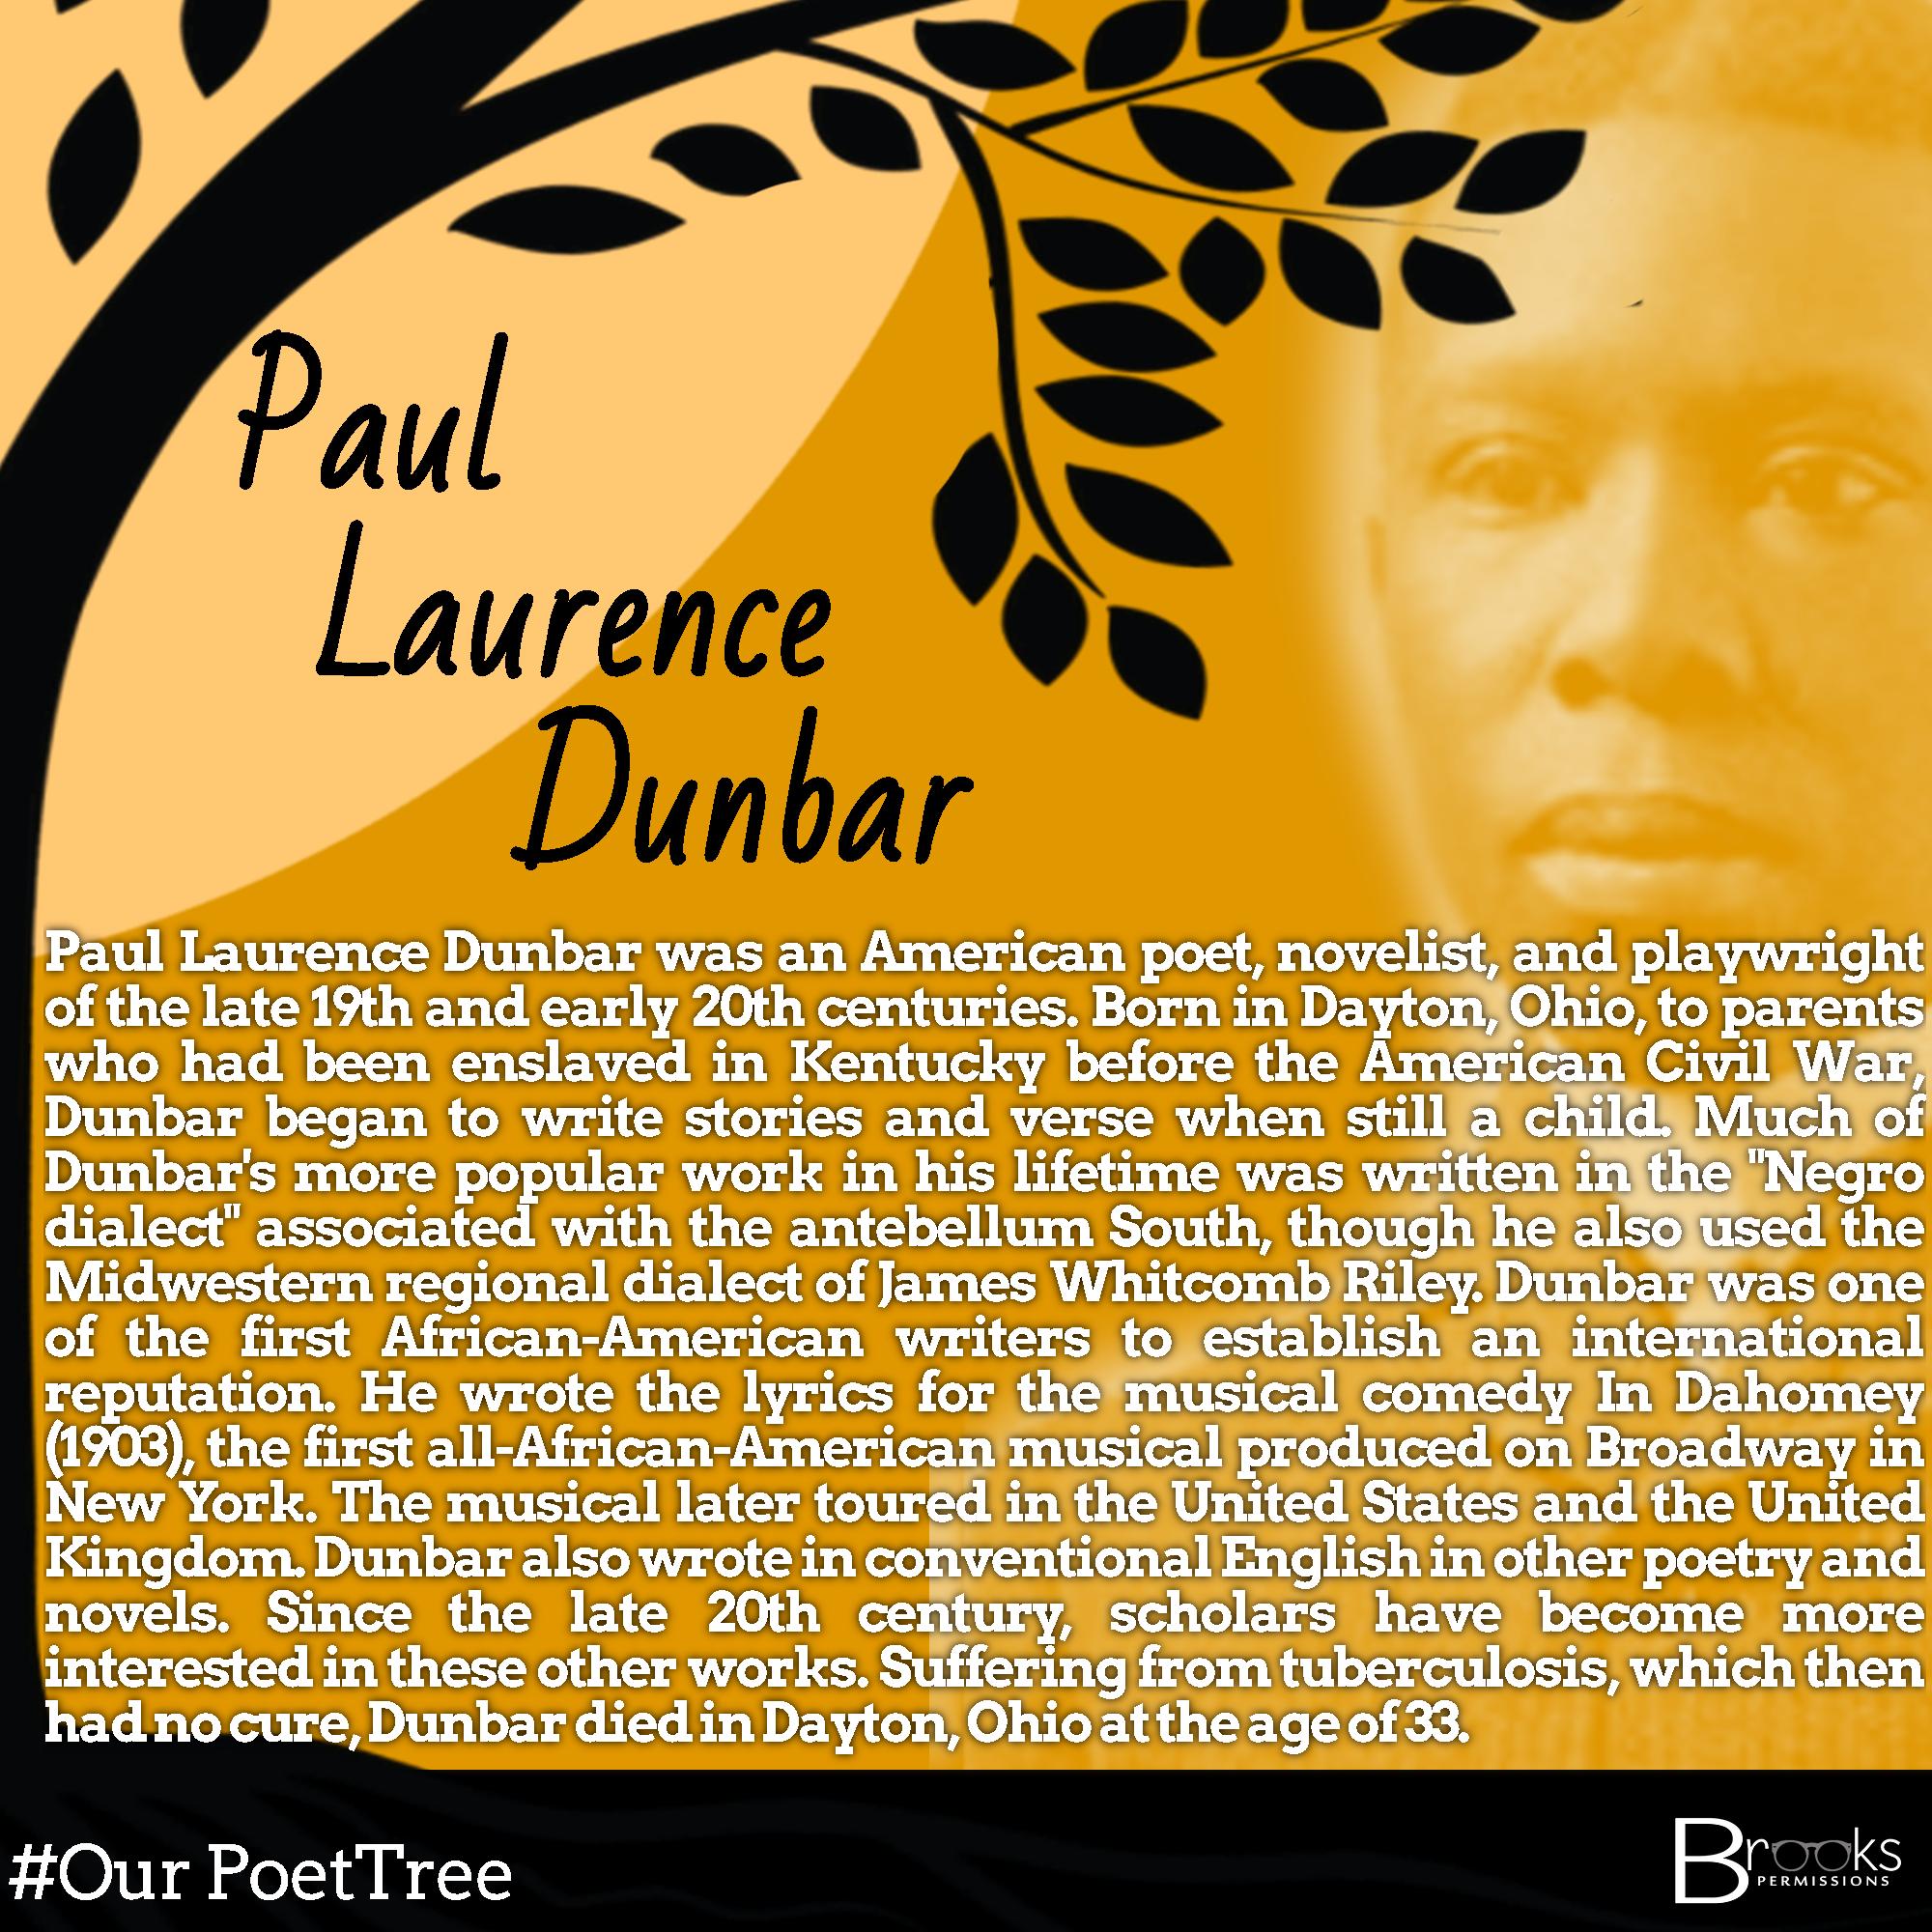 PaulLaurenceDunbar